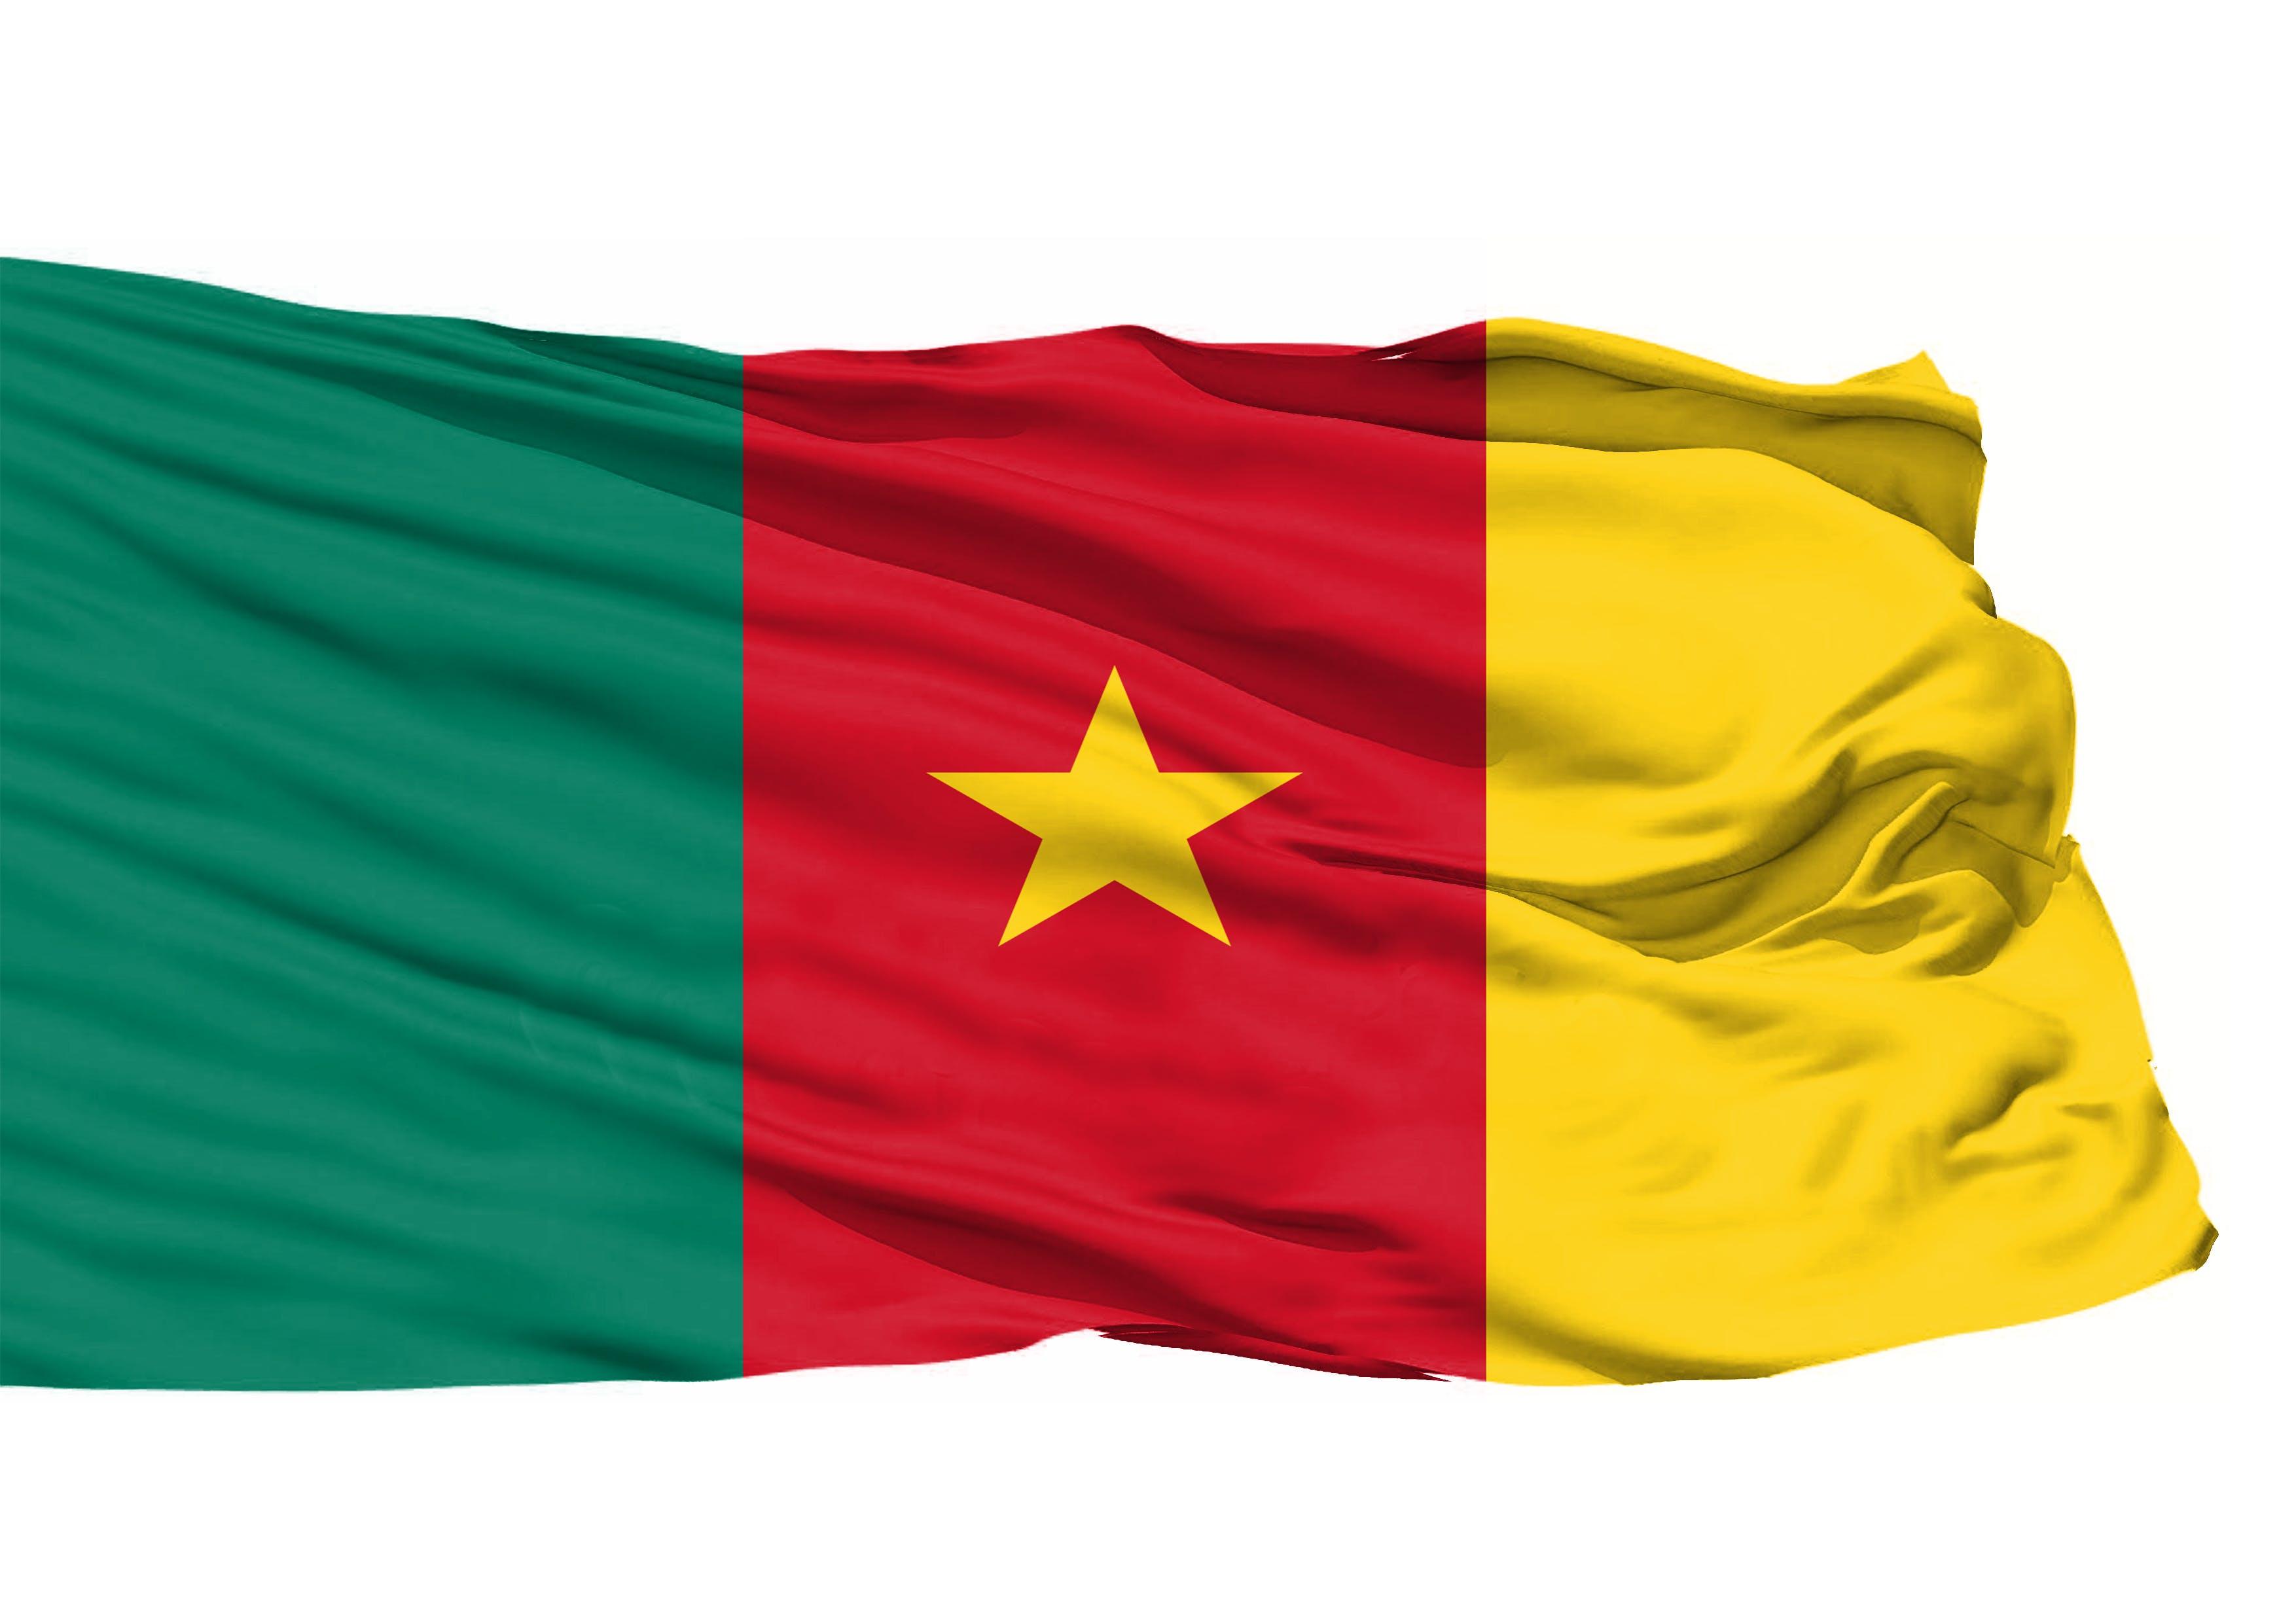 Kostenloses Stock Foto zu nationalflagge, 3d-flagge, kamerun 3d flagge